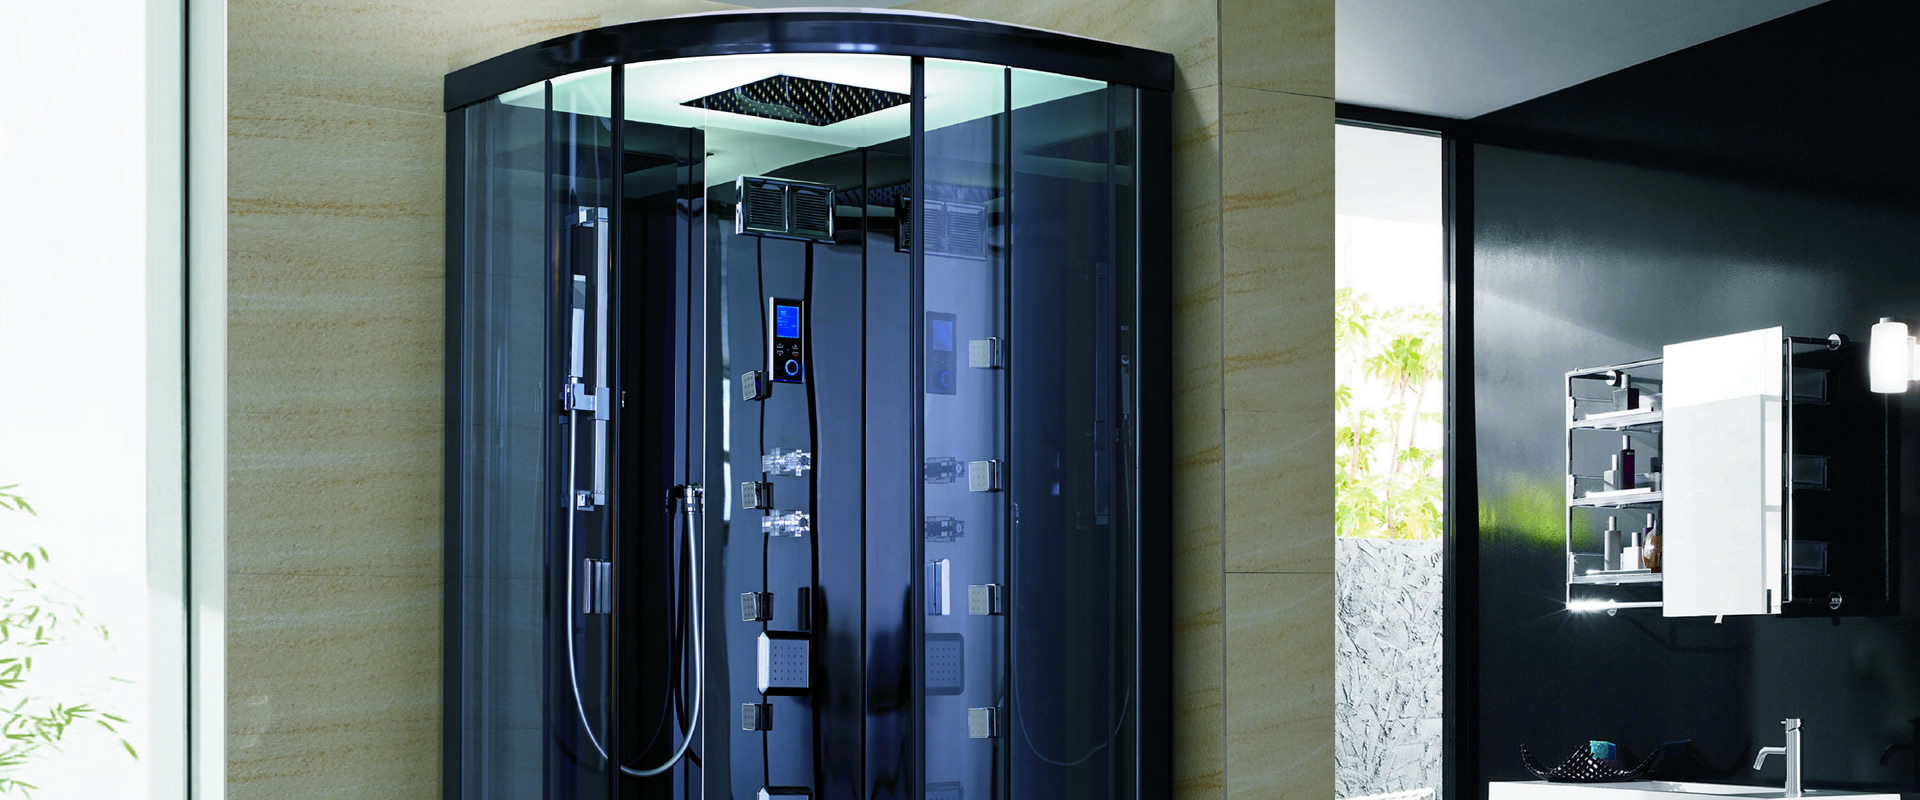 Ducha inteligente una tecnolog a innovadora ba era por ducha - Duchas cabinas ...